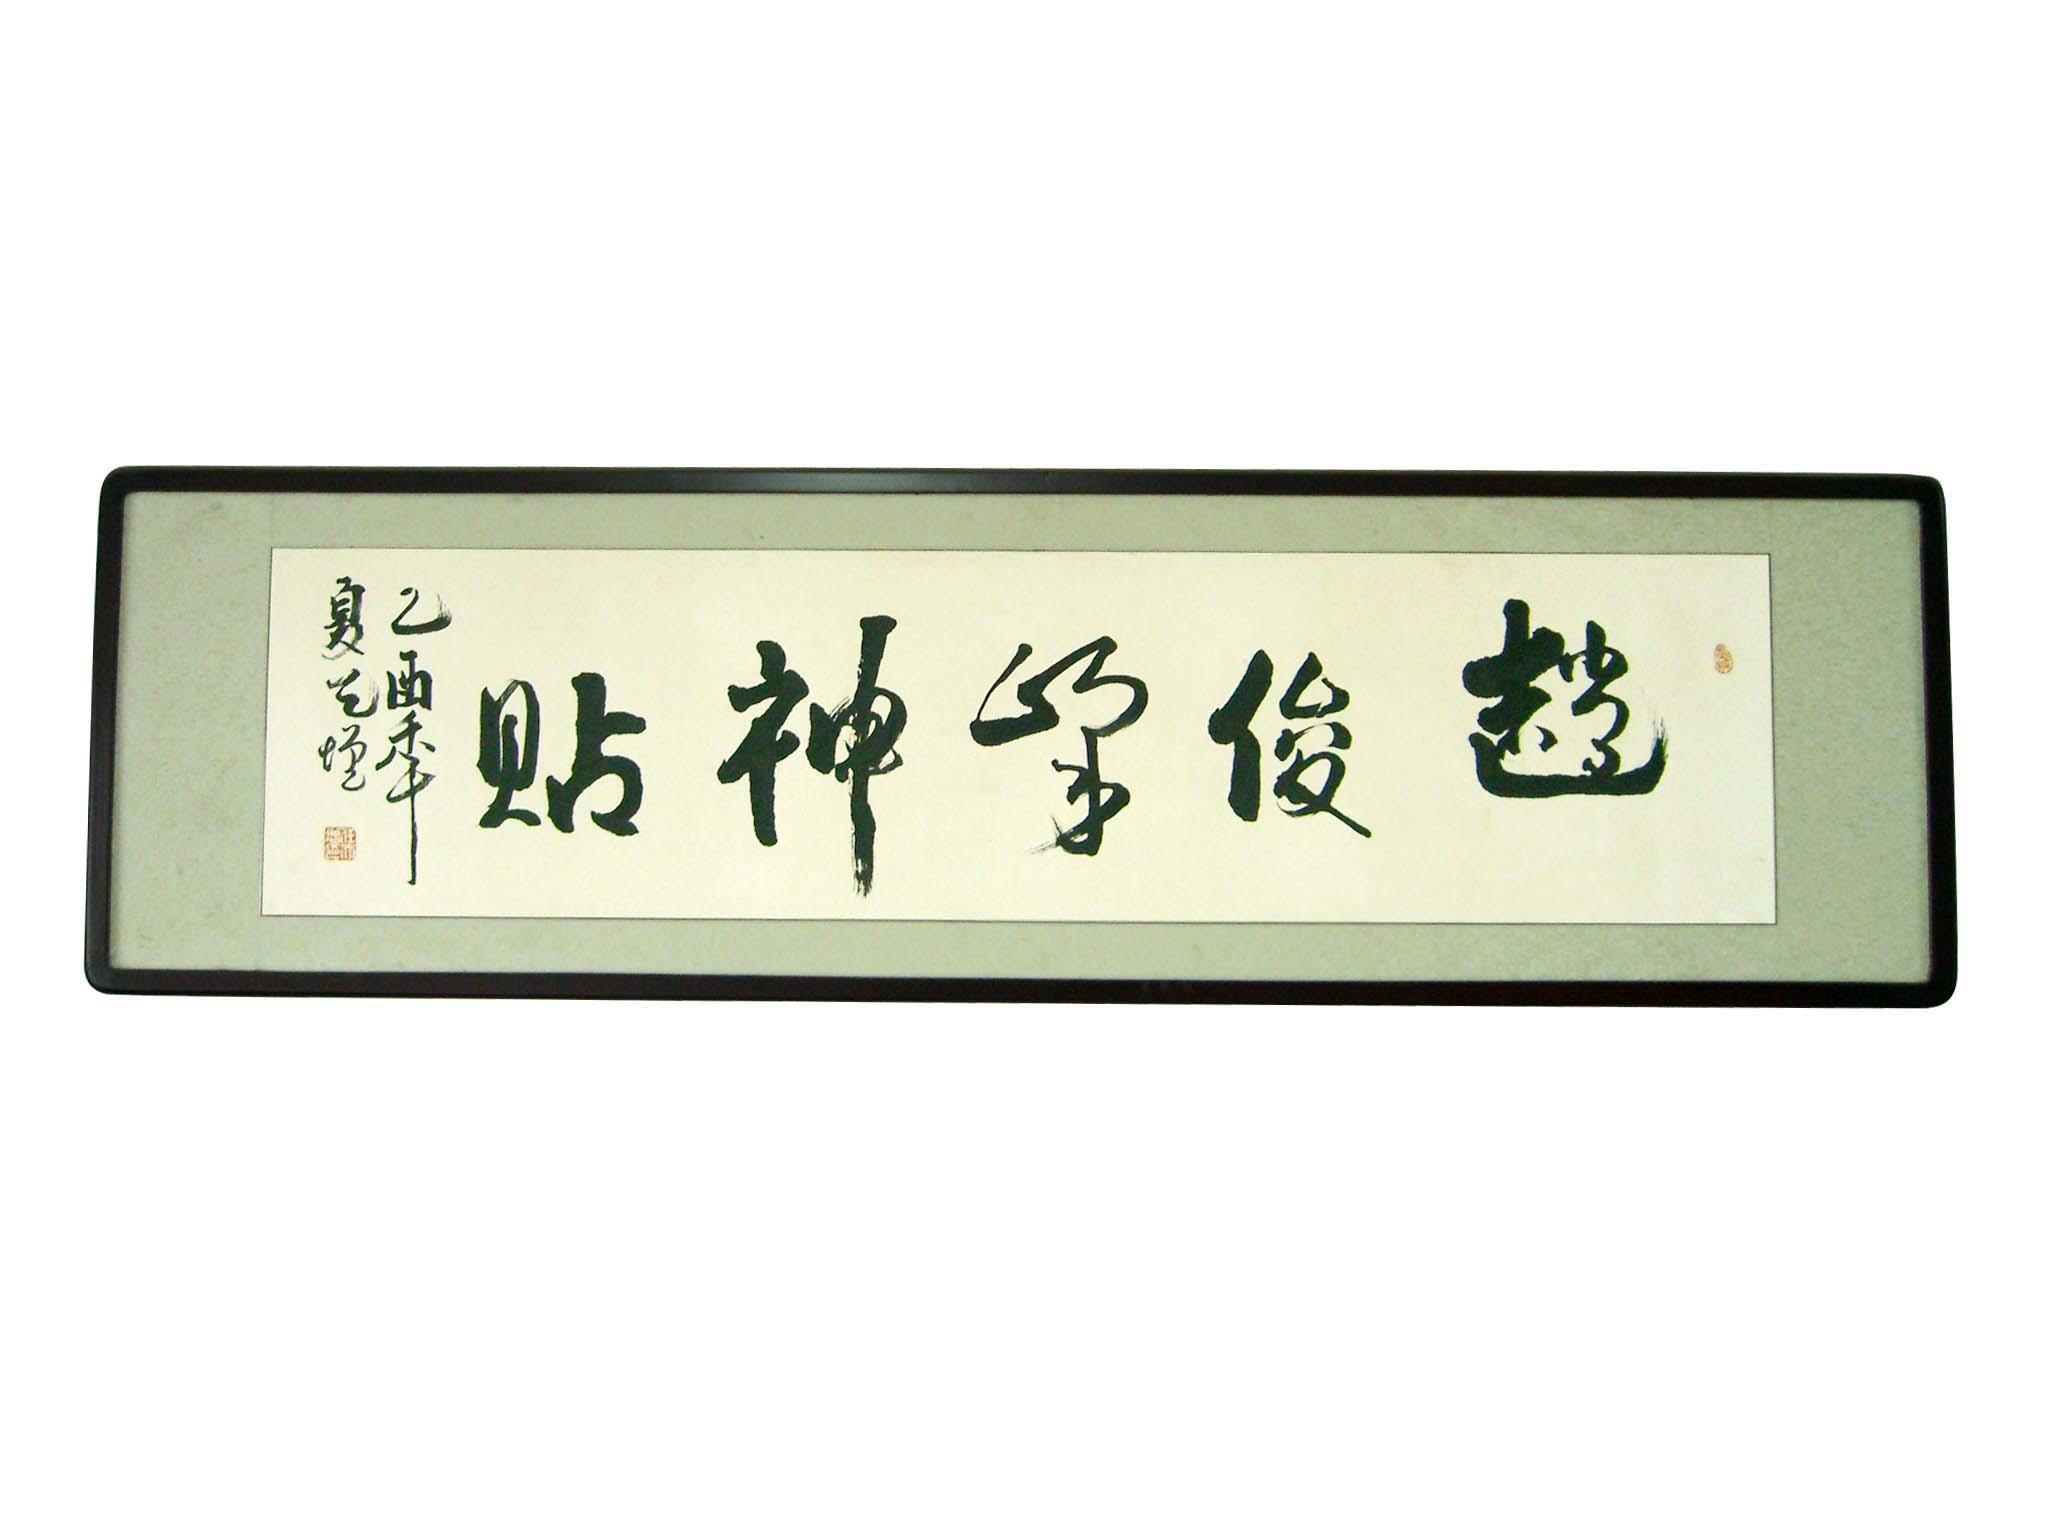 http://www.zhaojunfeng.cn/uploads/image/20190718/1563422256.jpg